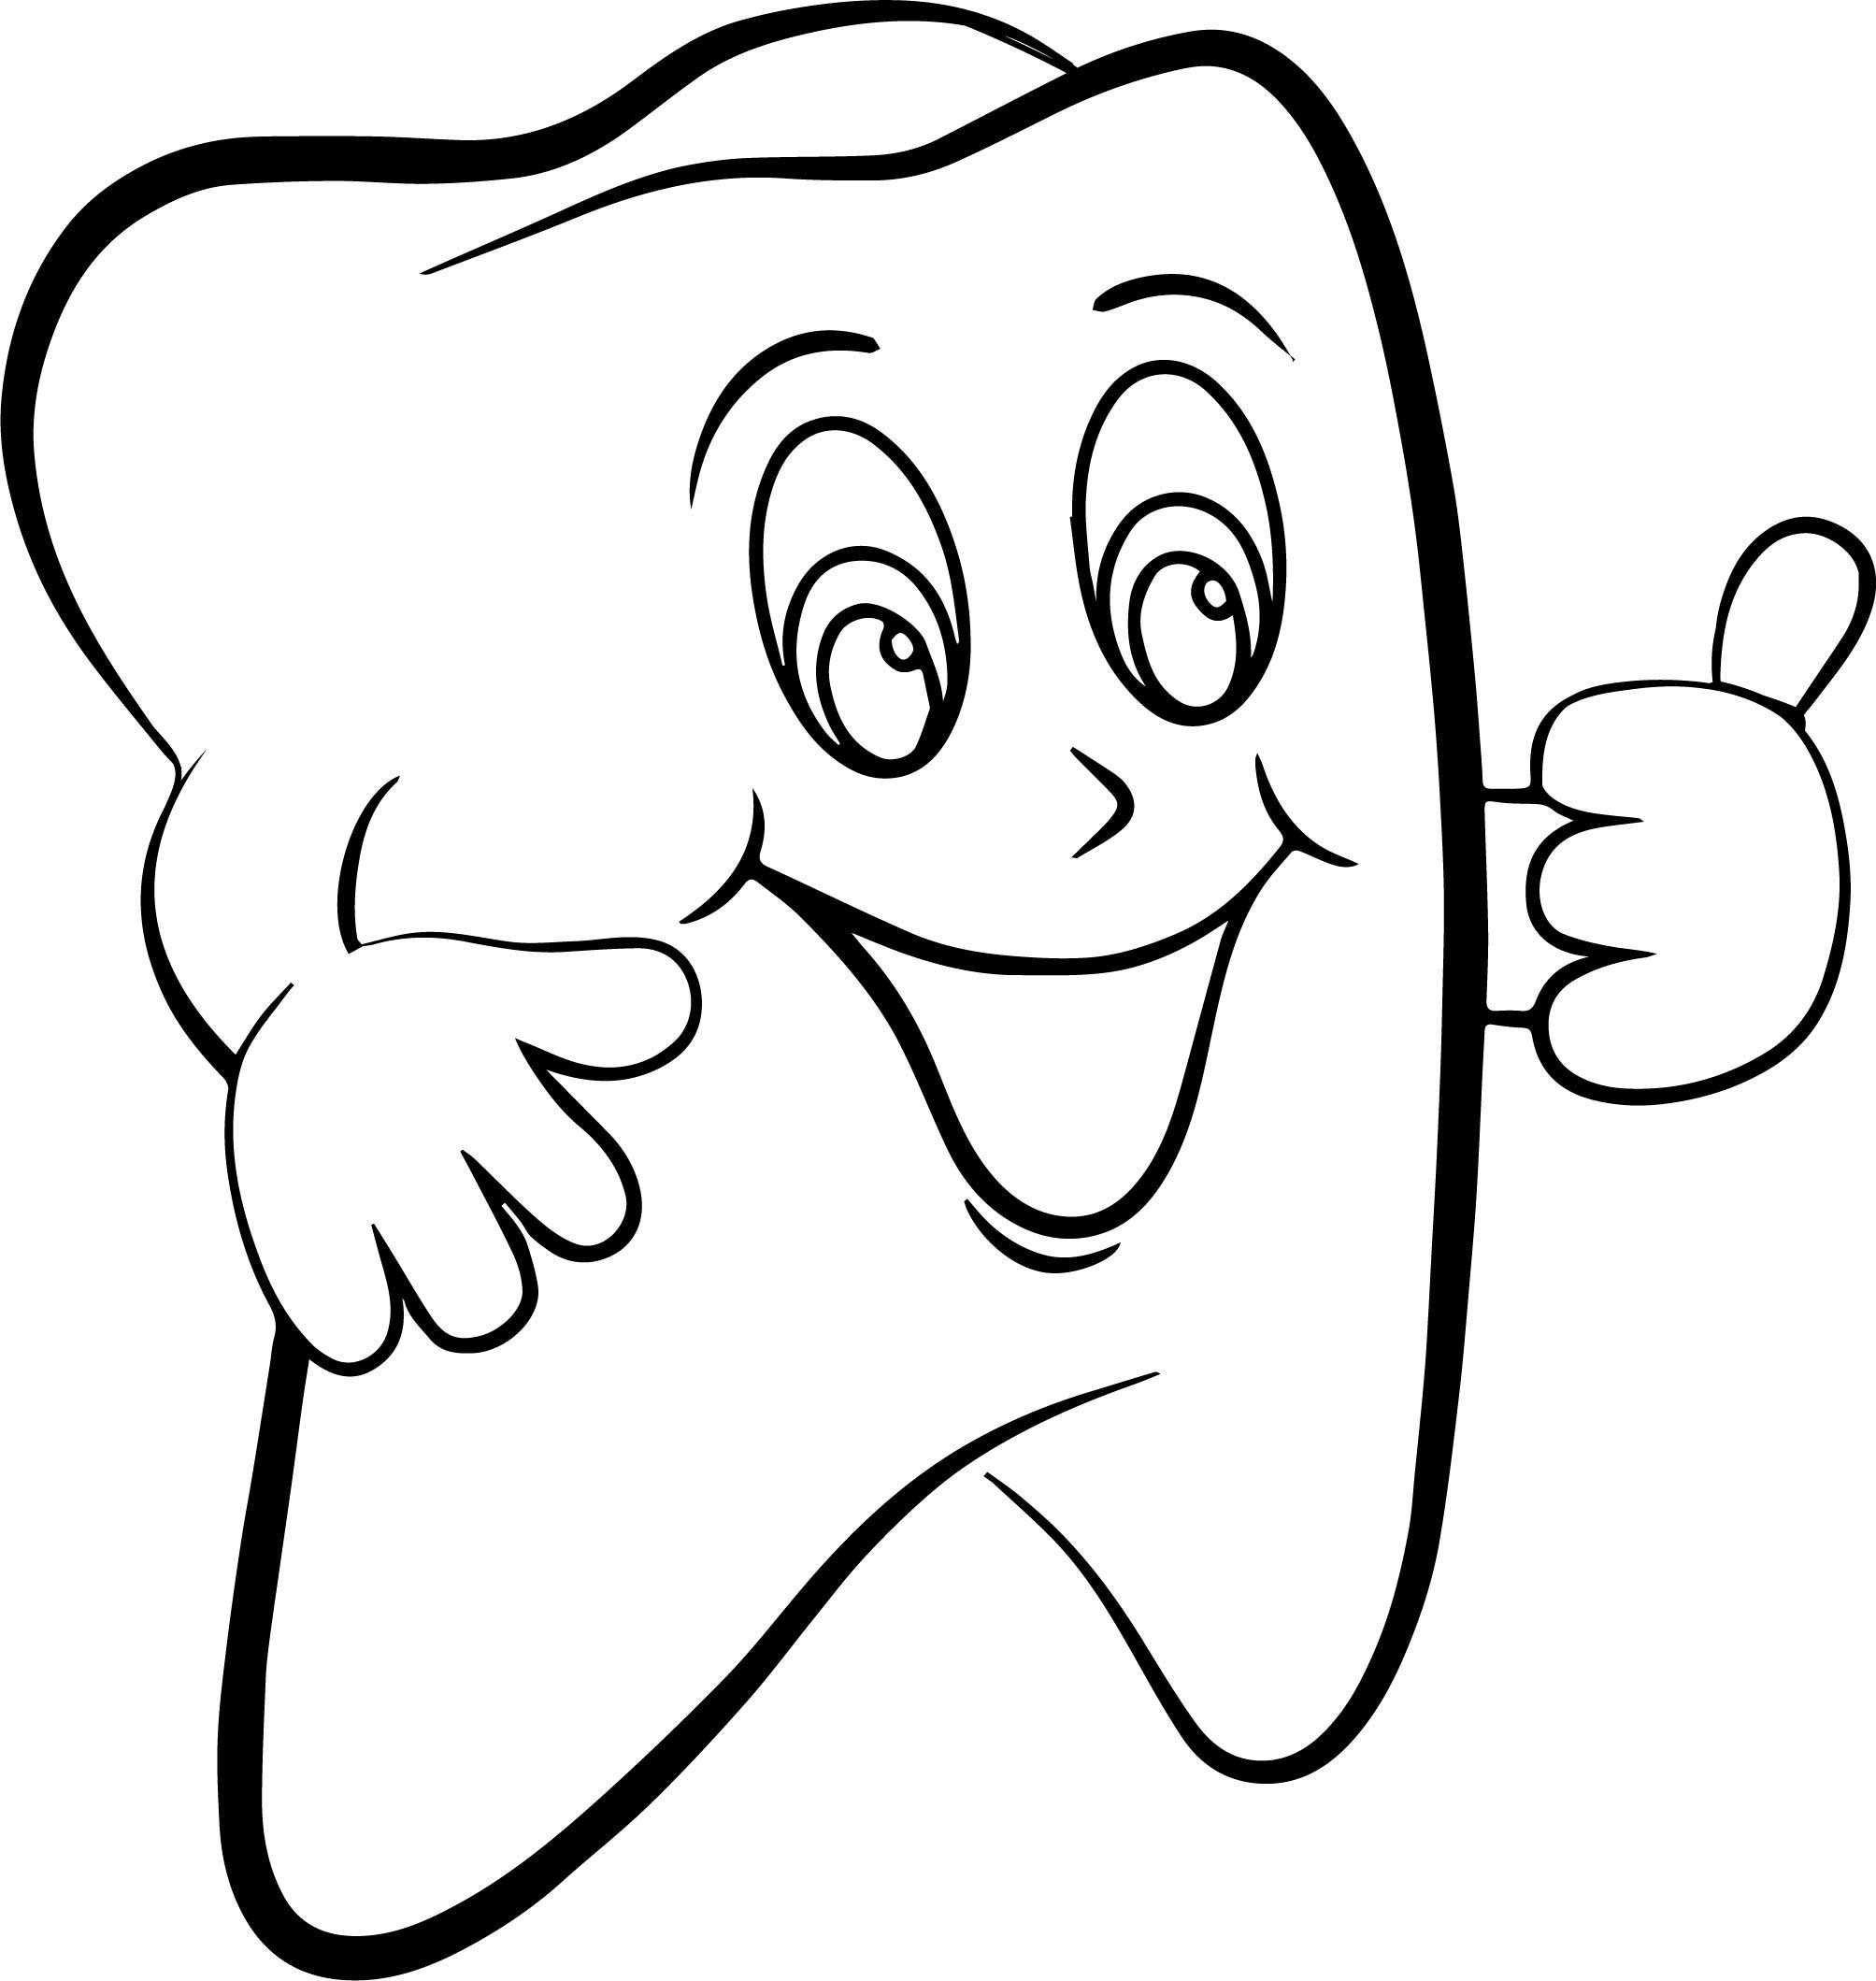 Happy Teeth Cartoon Coloring Page Di 2020 Dengan Gambar